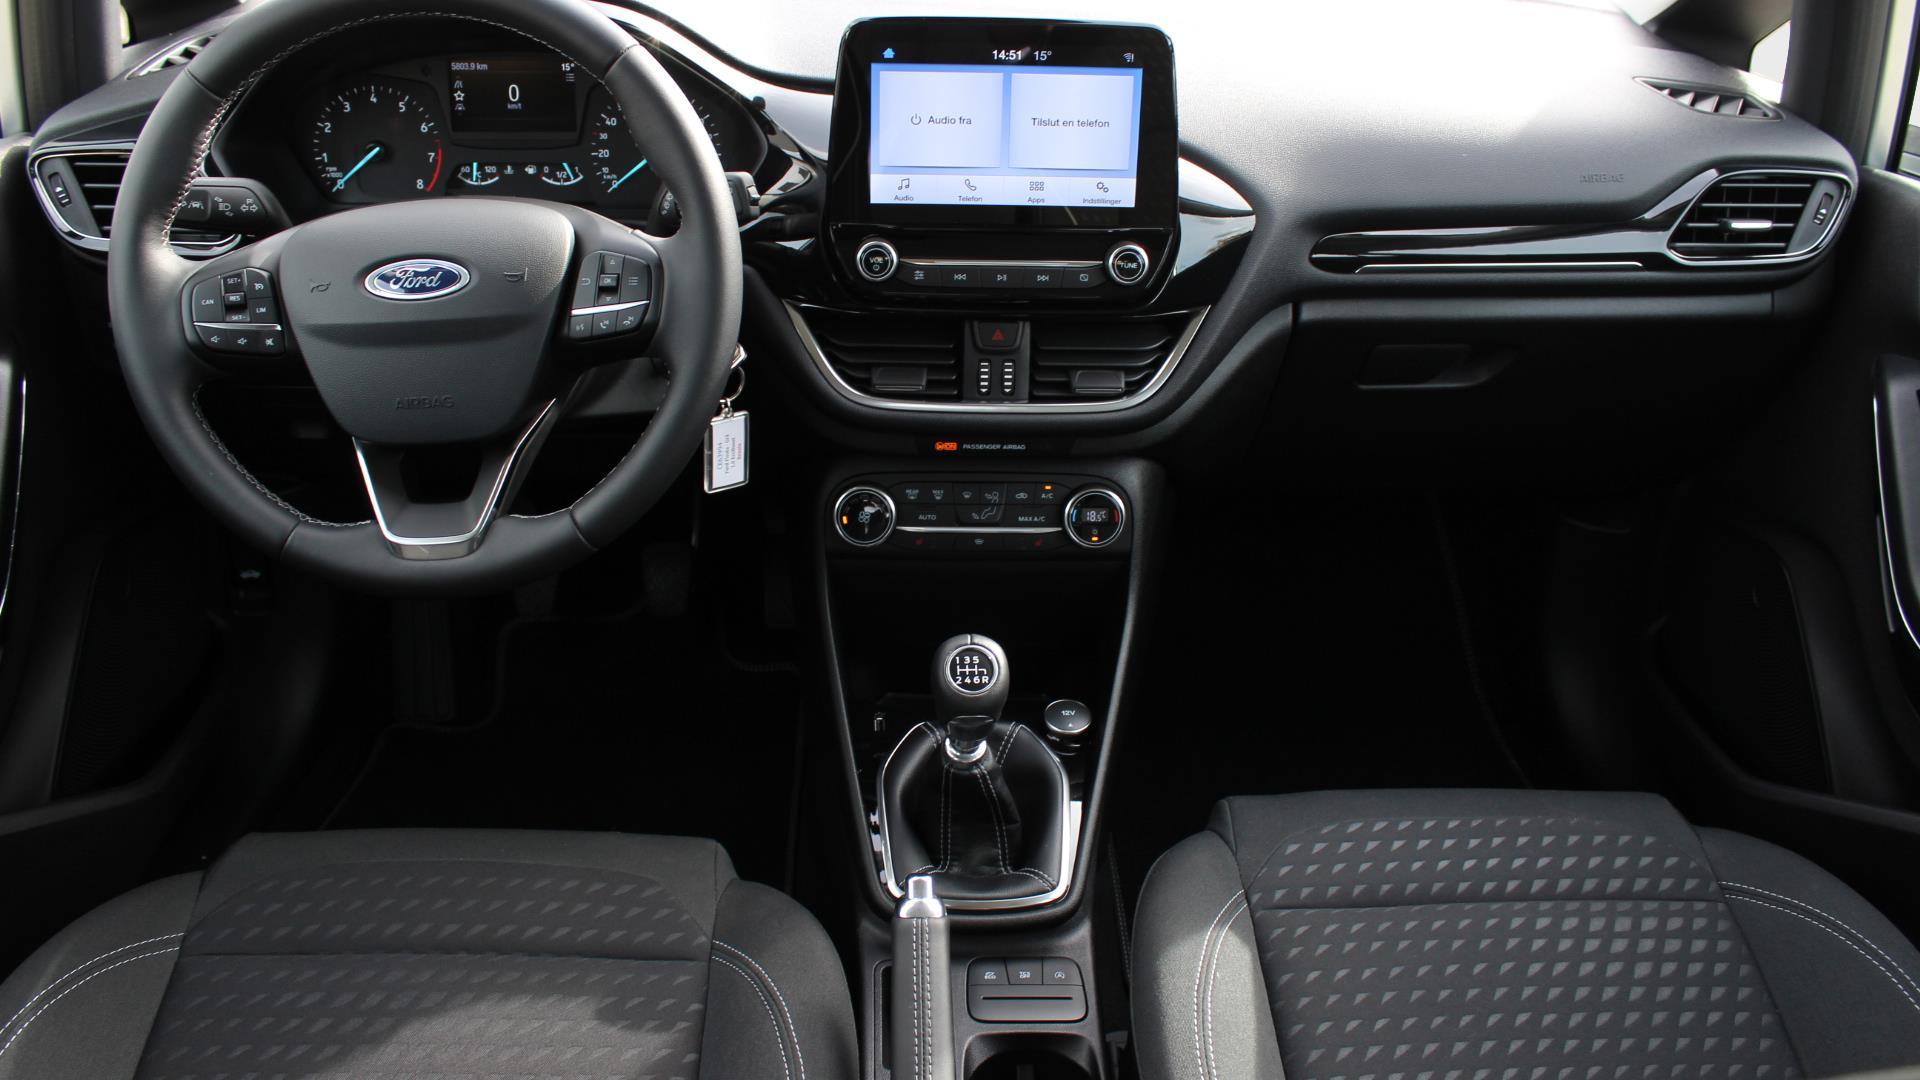 Billede af Ford Fiesta 1,0 EcoBoost Titanium Start/Stop 100HK 5d 6g